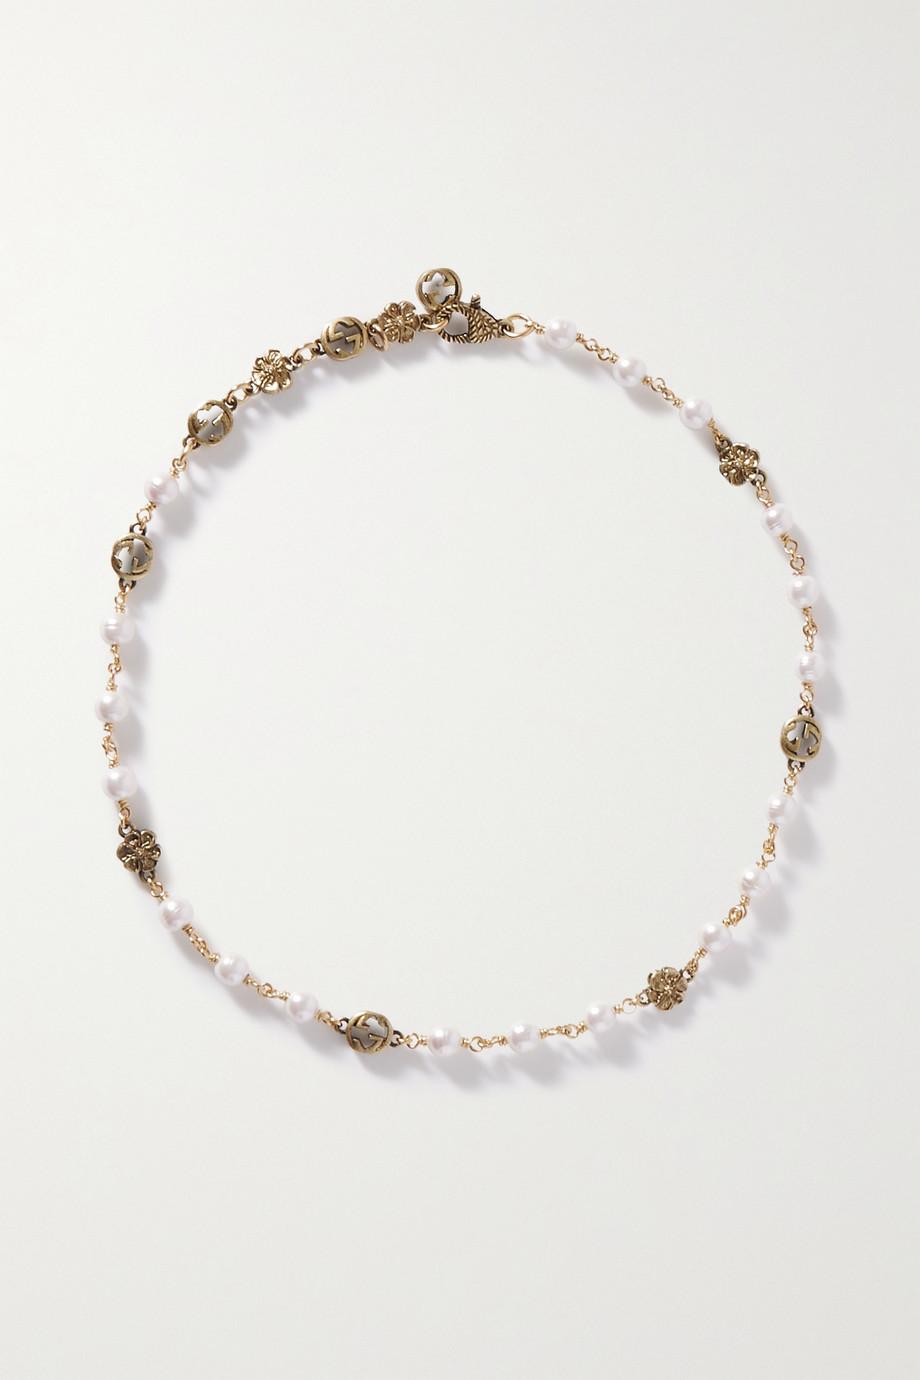 Gucci Collier en métal doré et perles synthétiques